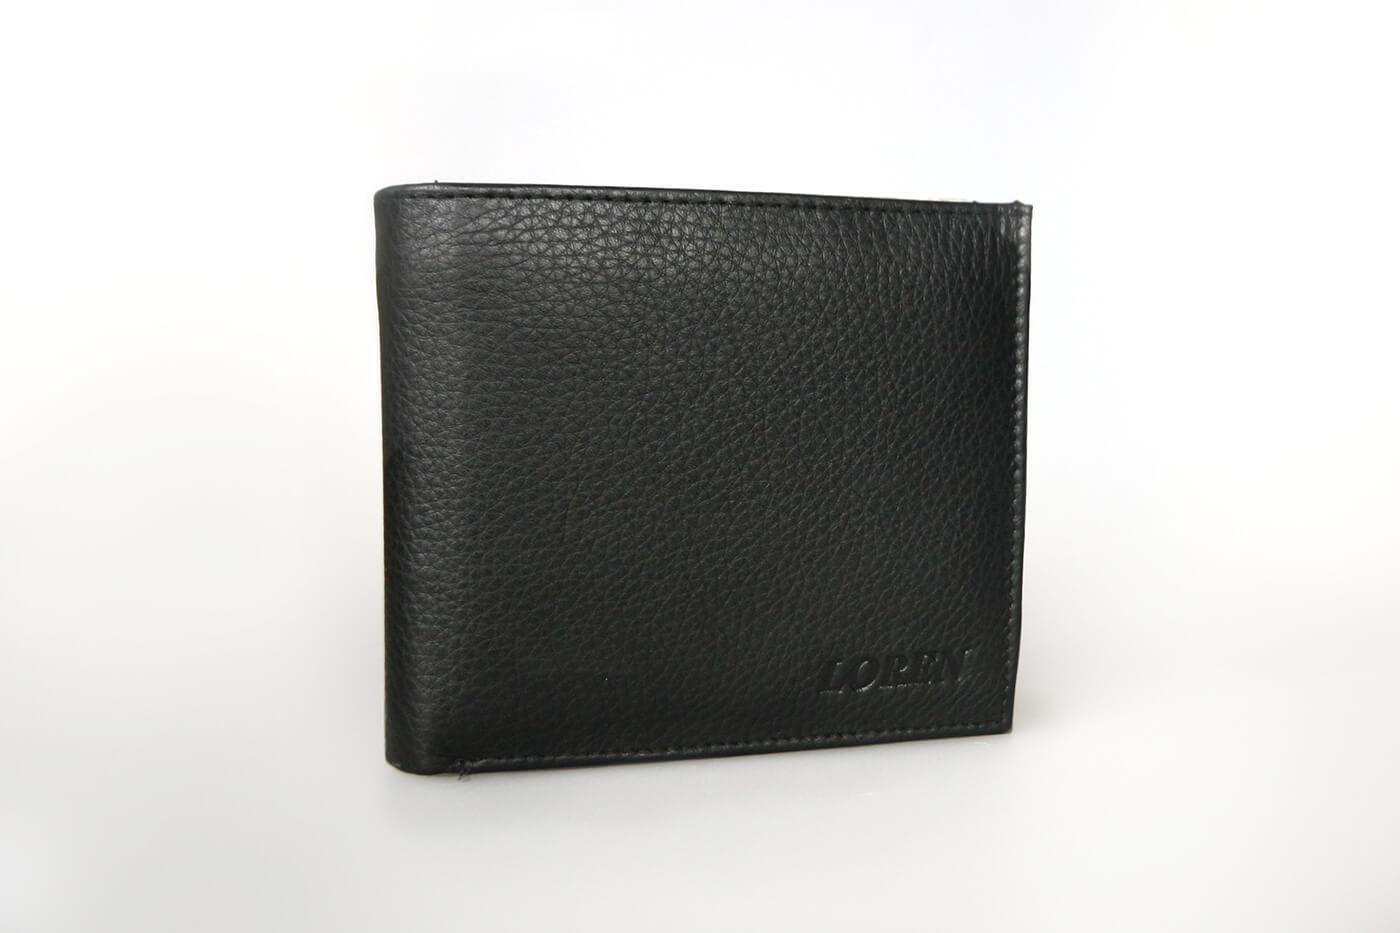 LOREN Pánska kožená peňaženka na šírku - čierna bez zapínania (šírka 11,5 cm x výška 10 cm)